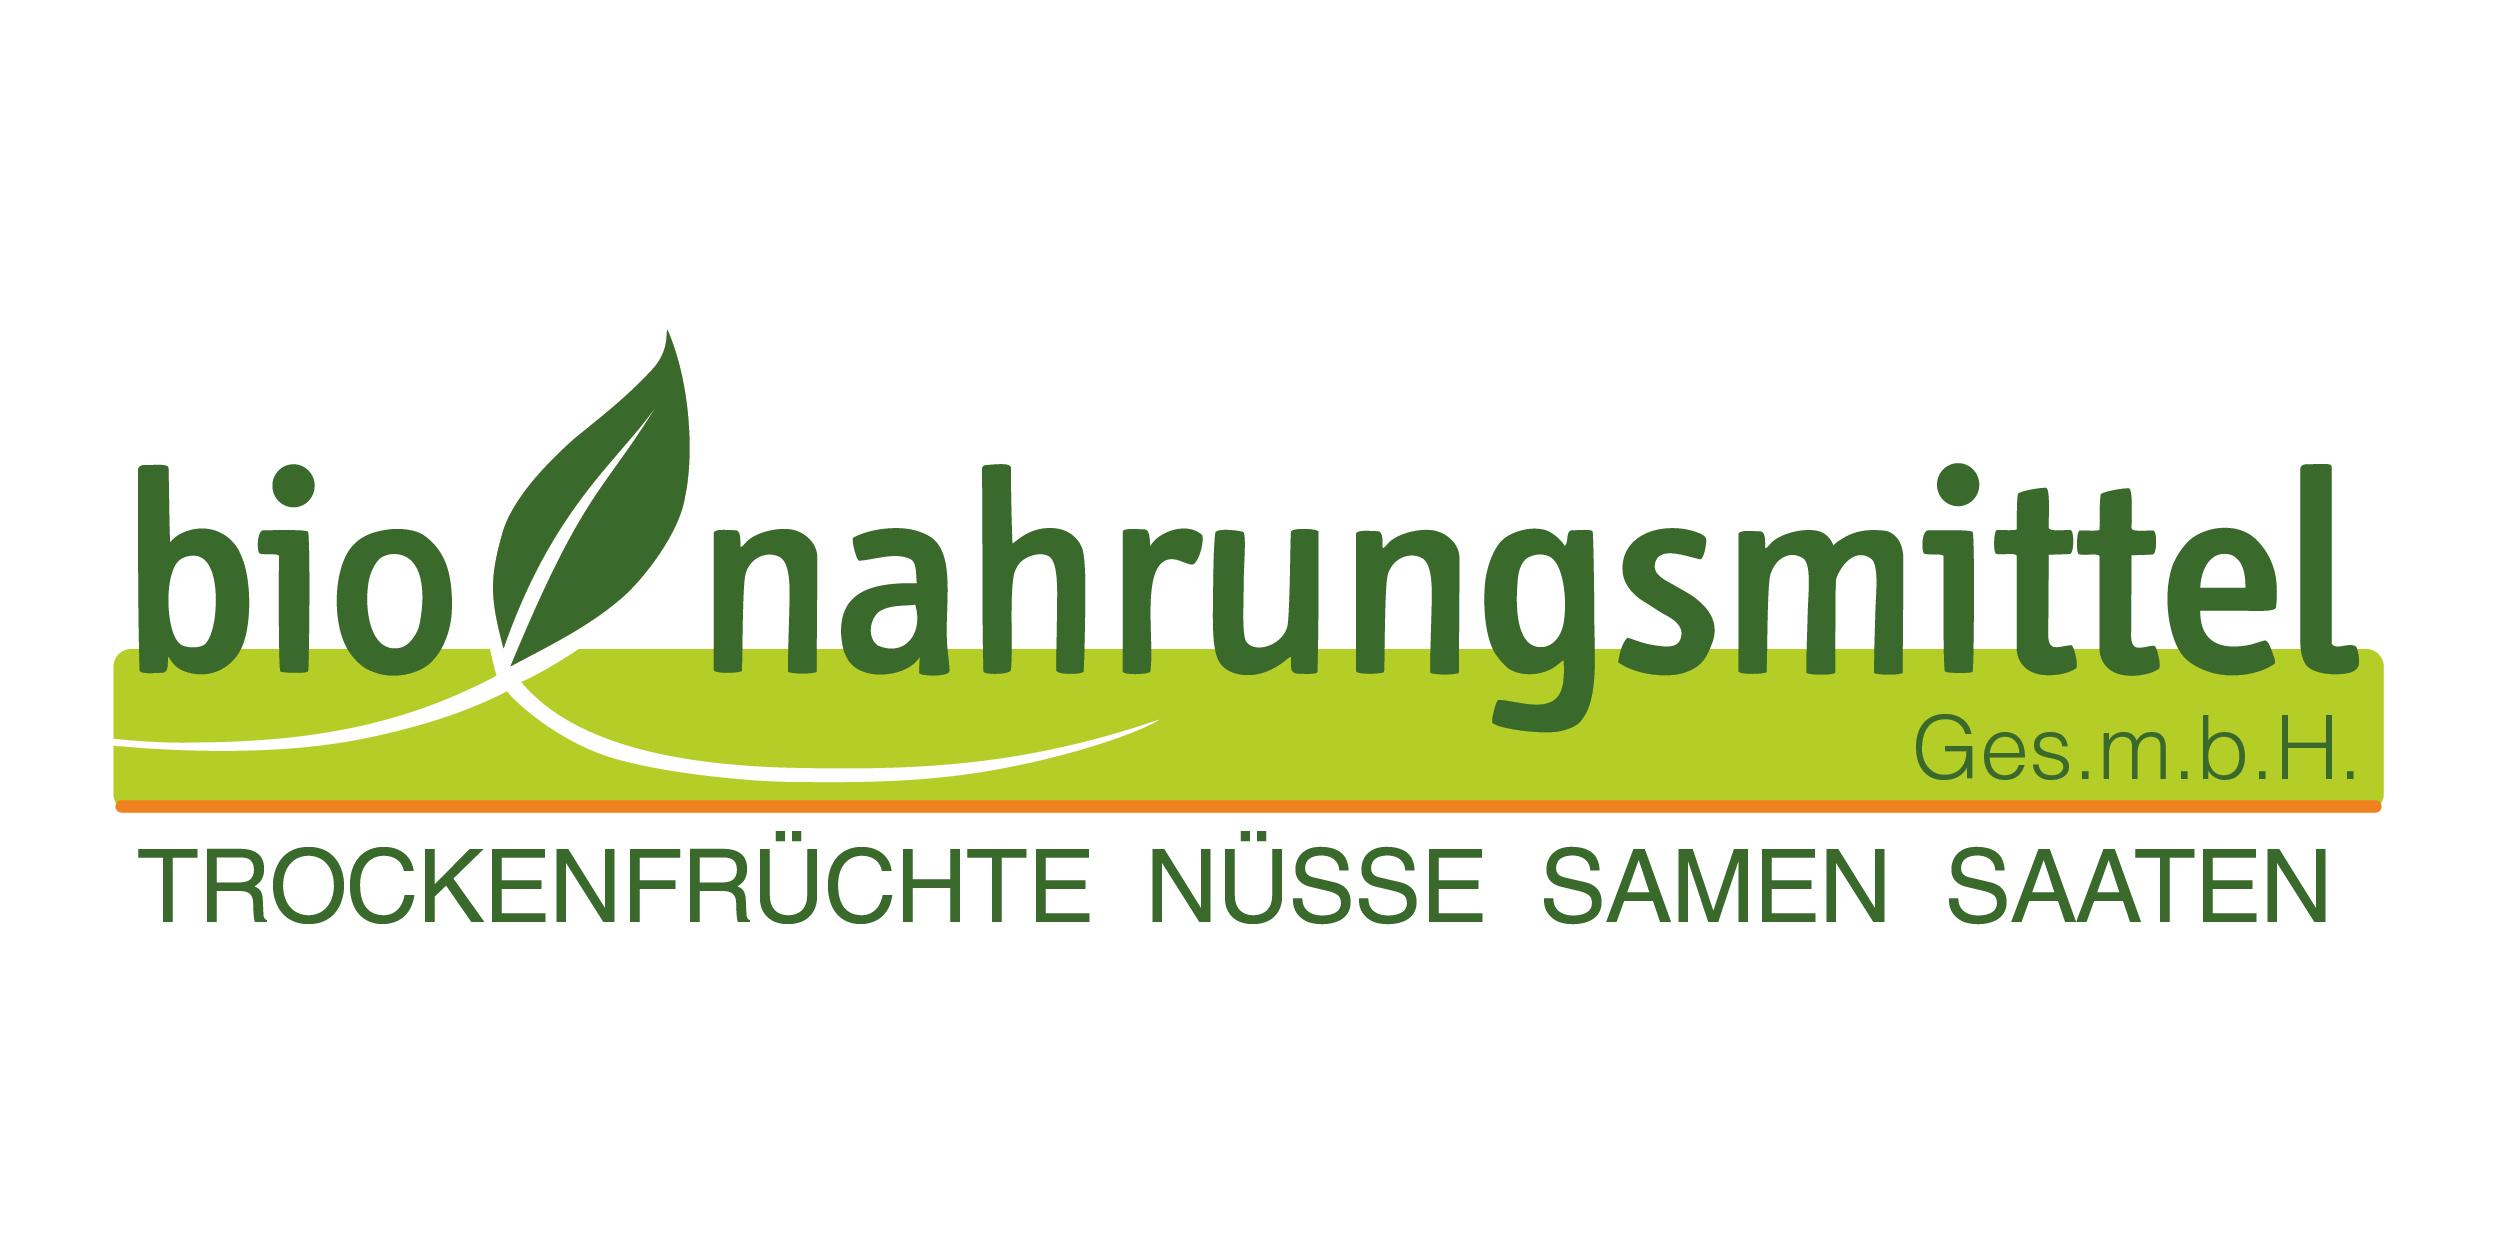 SVG Sponsor - Bio Nahrungsmittel GmbH